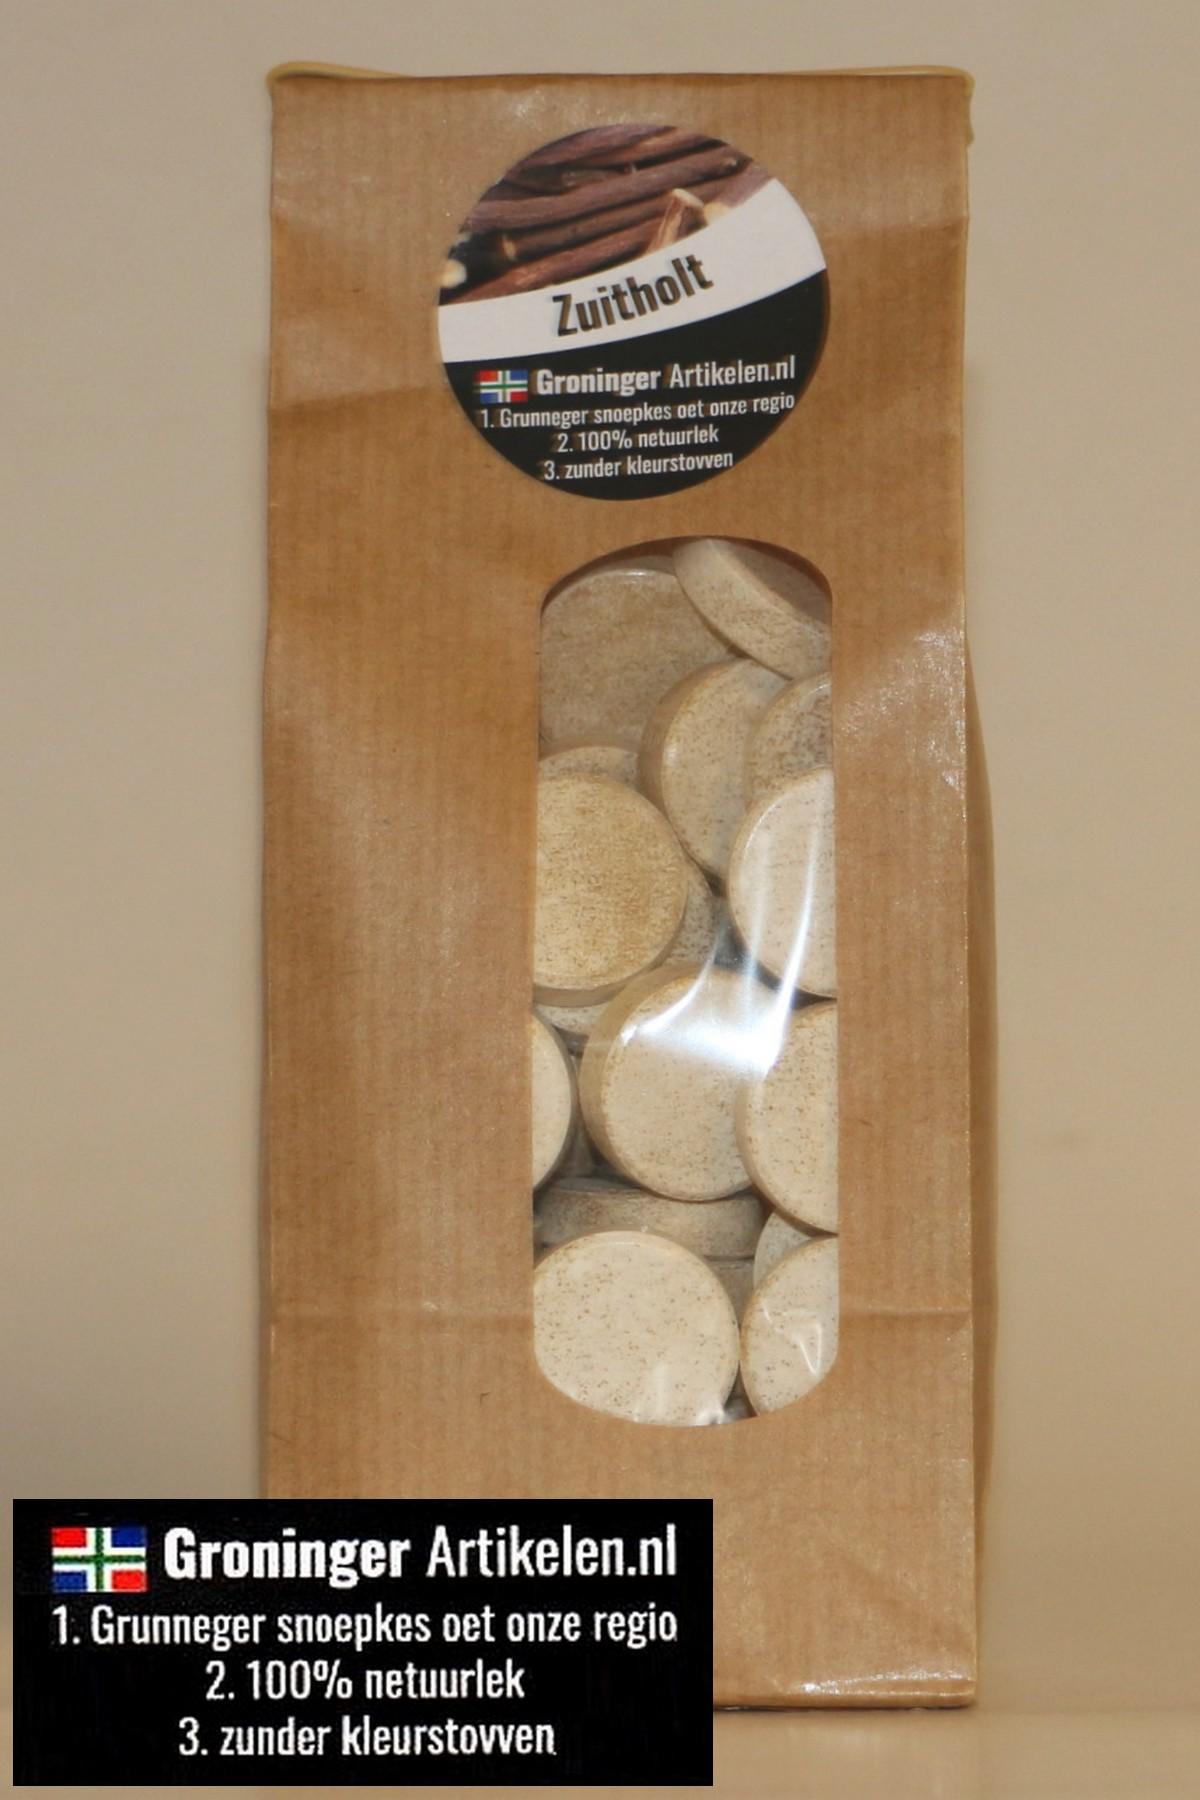 Grunneger zuitholt snoepkes